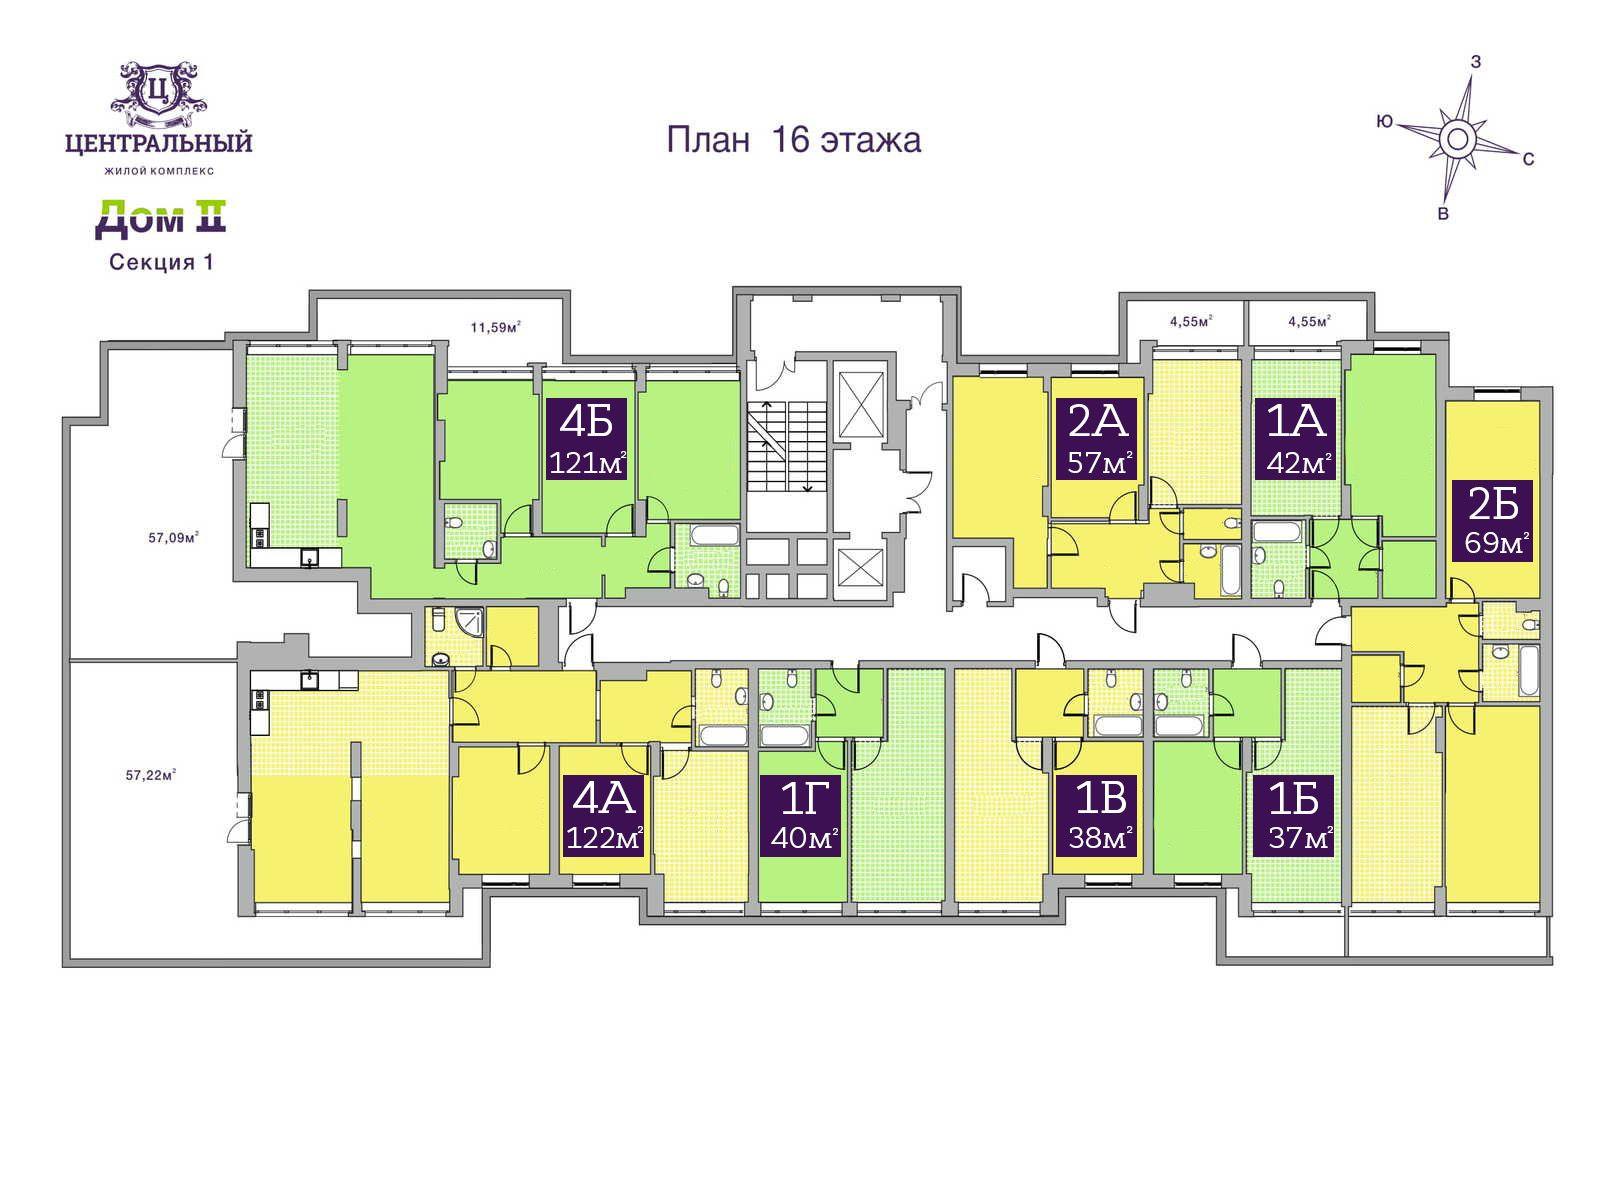 Дом 2. Секция 1. 16 этаж